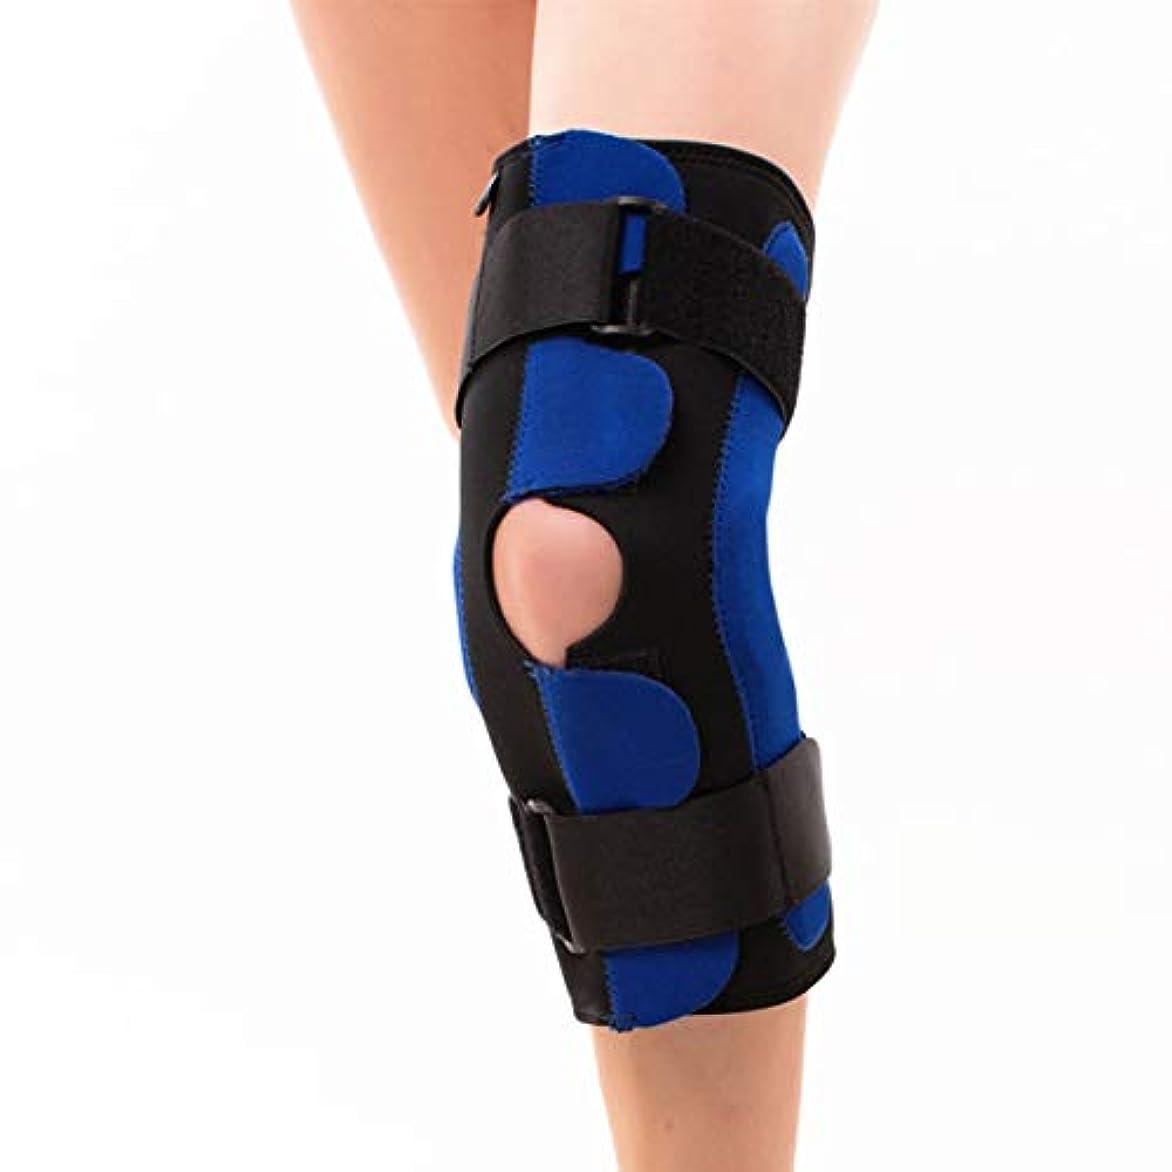 未満ラッシュジョガー屋外スポーツ膝パッド膝鋼サポートバークライミングスポーツ安全膝ブレースフィットネス保護パーツ-ブラックL